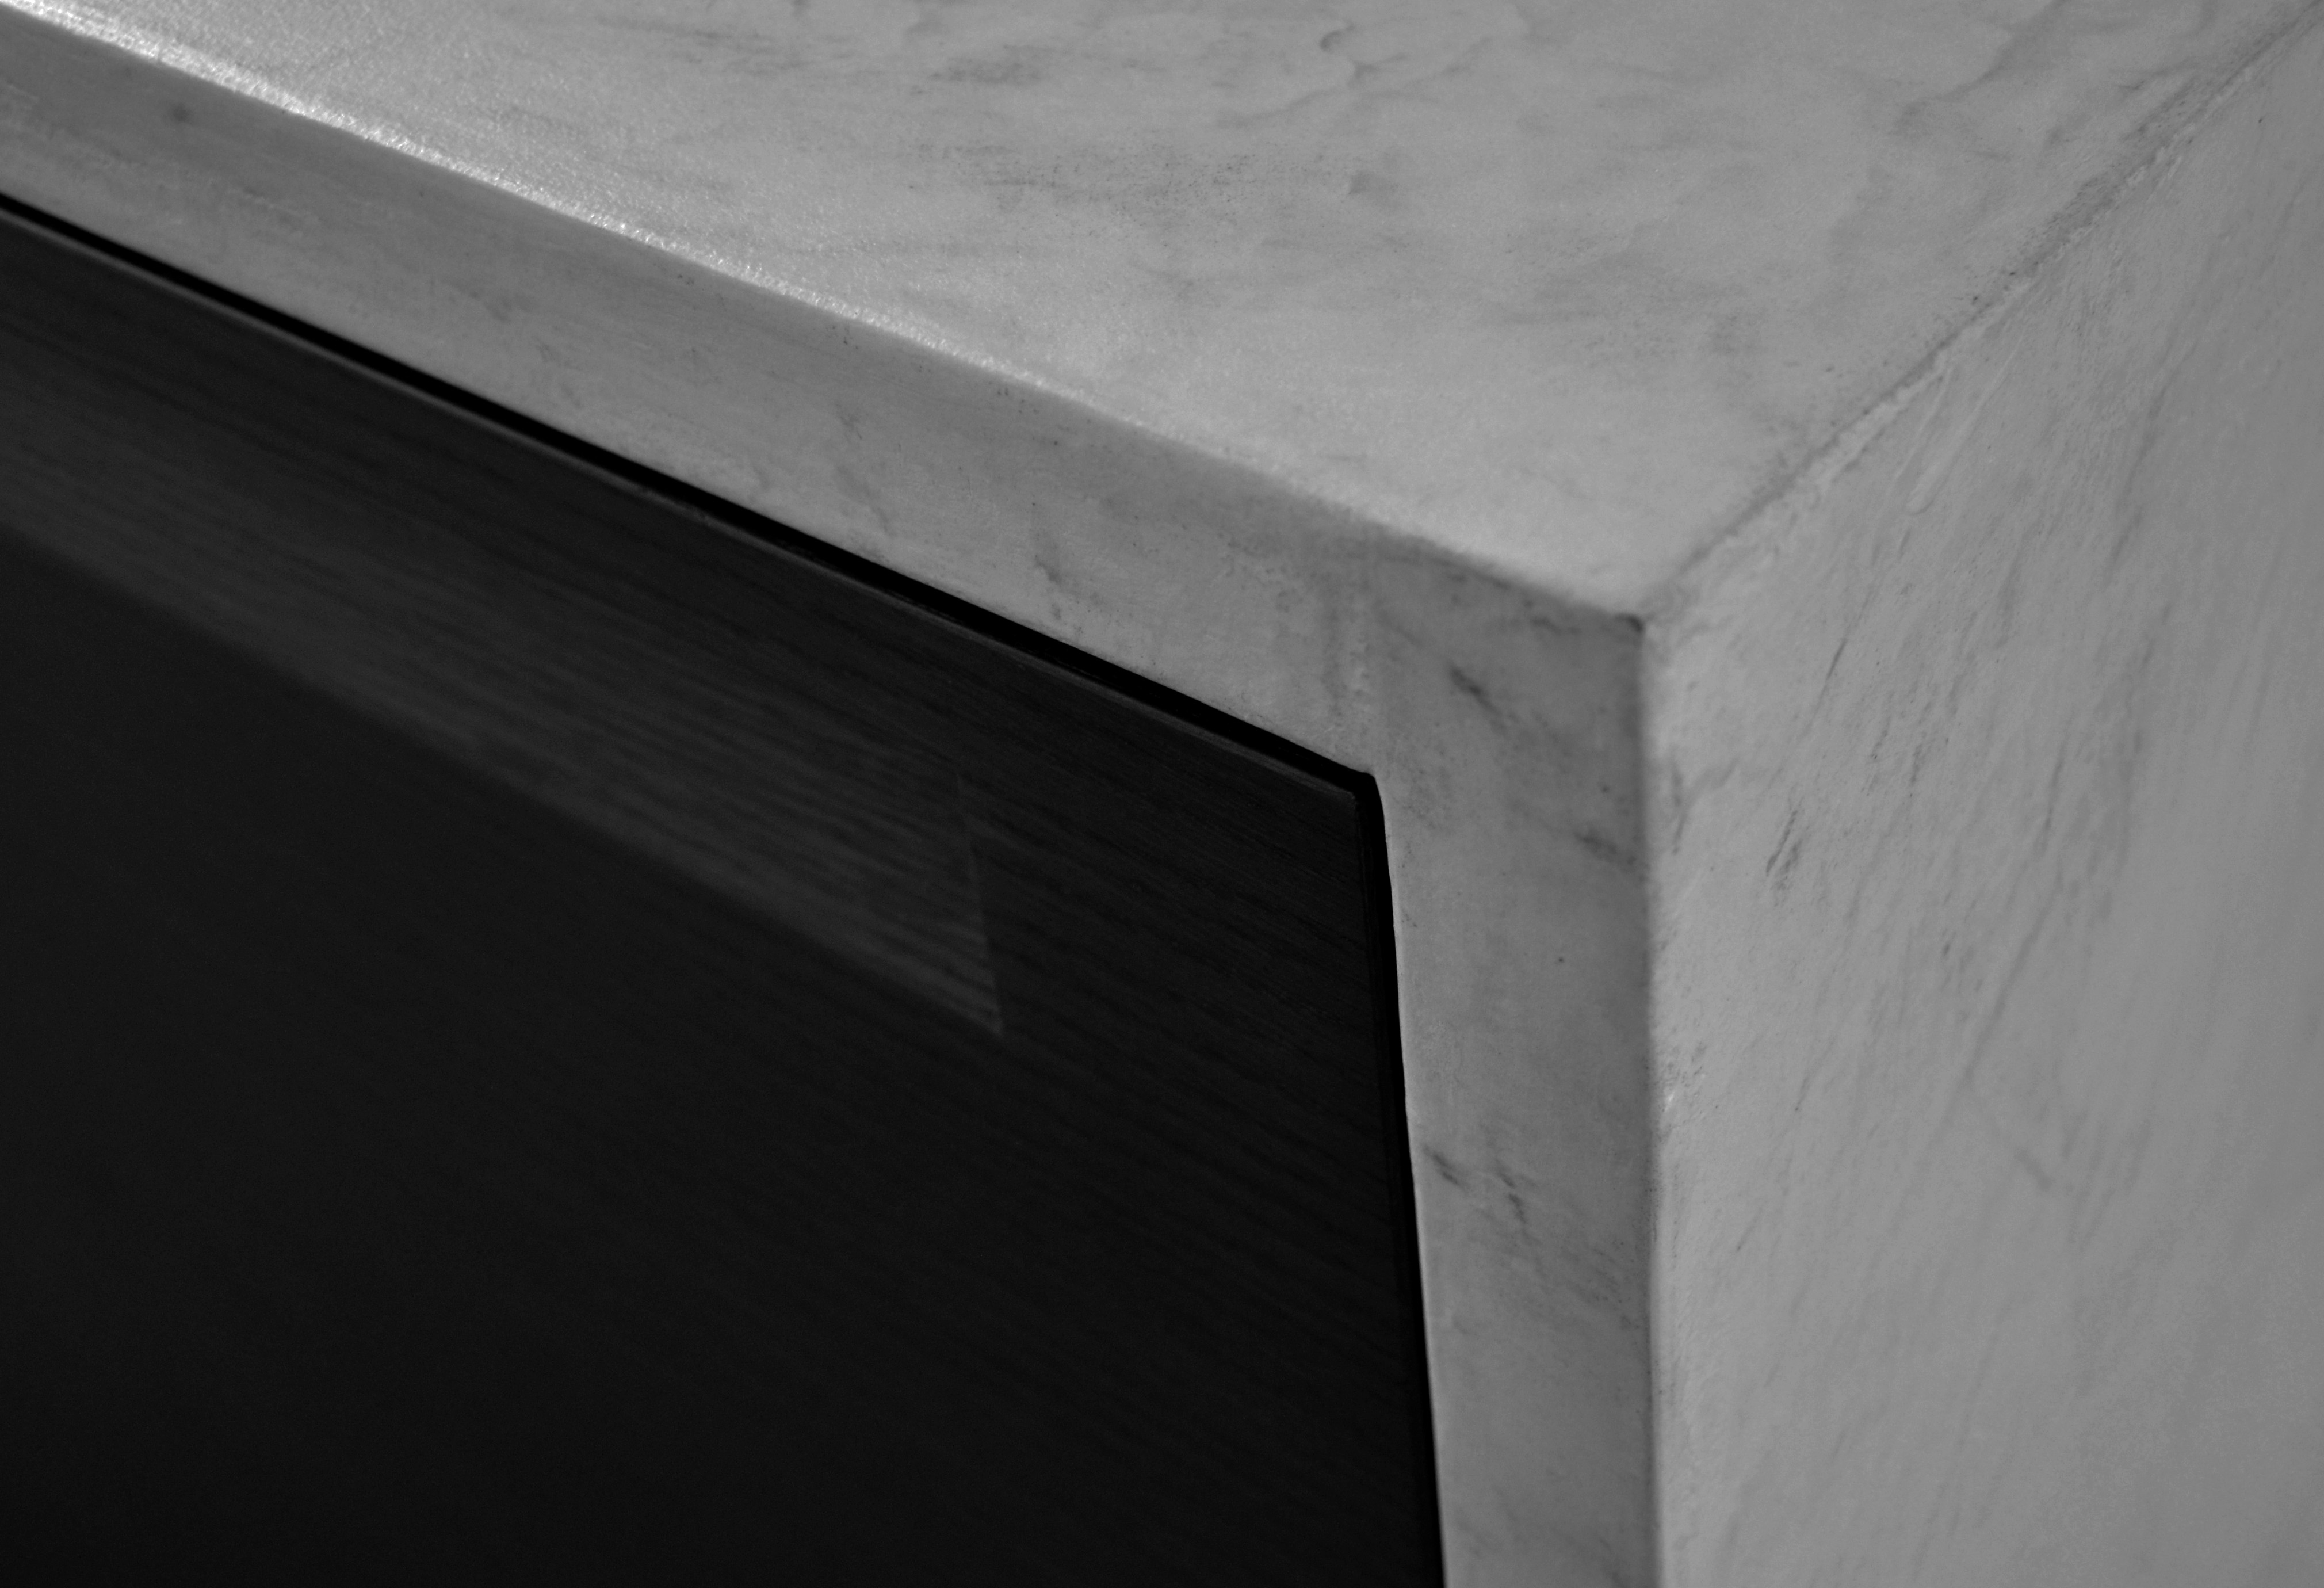 casa MB SR. la zona cucina. dettaglio isola cucina contenitiva. piano e fianchi rivestiti con microcemento dell'azienda sirio group.